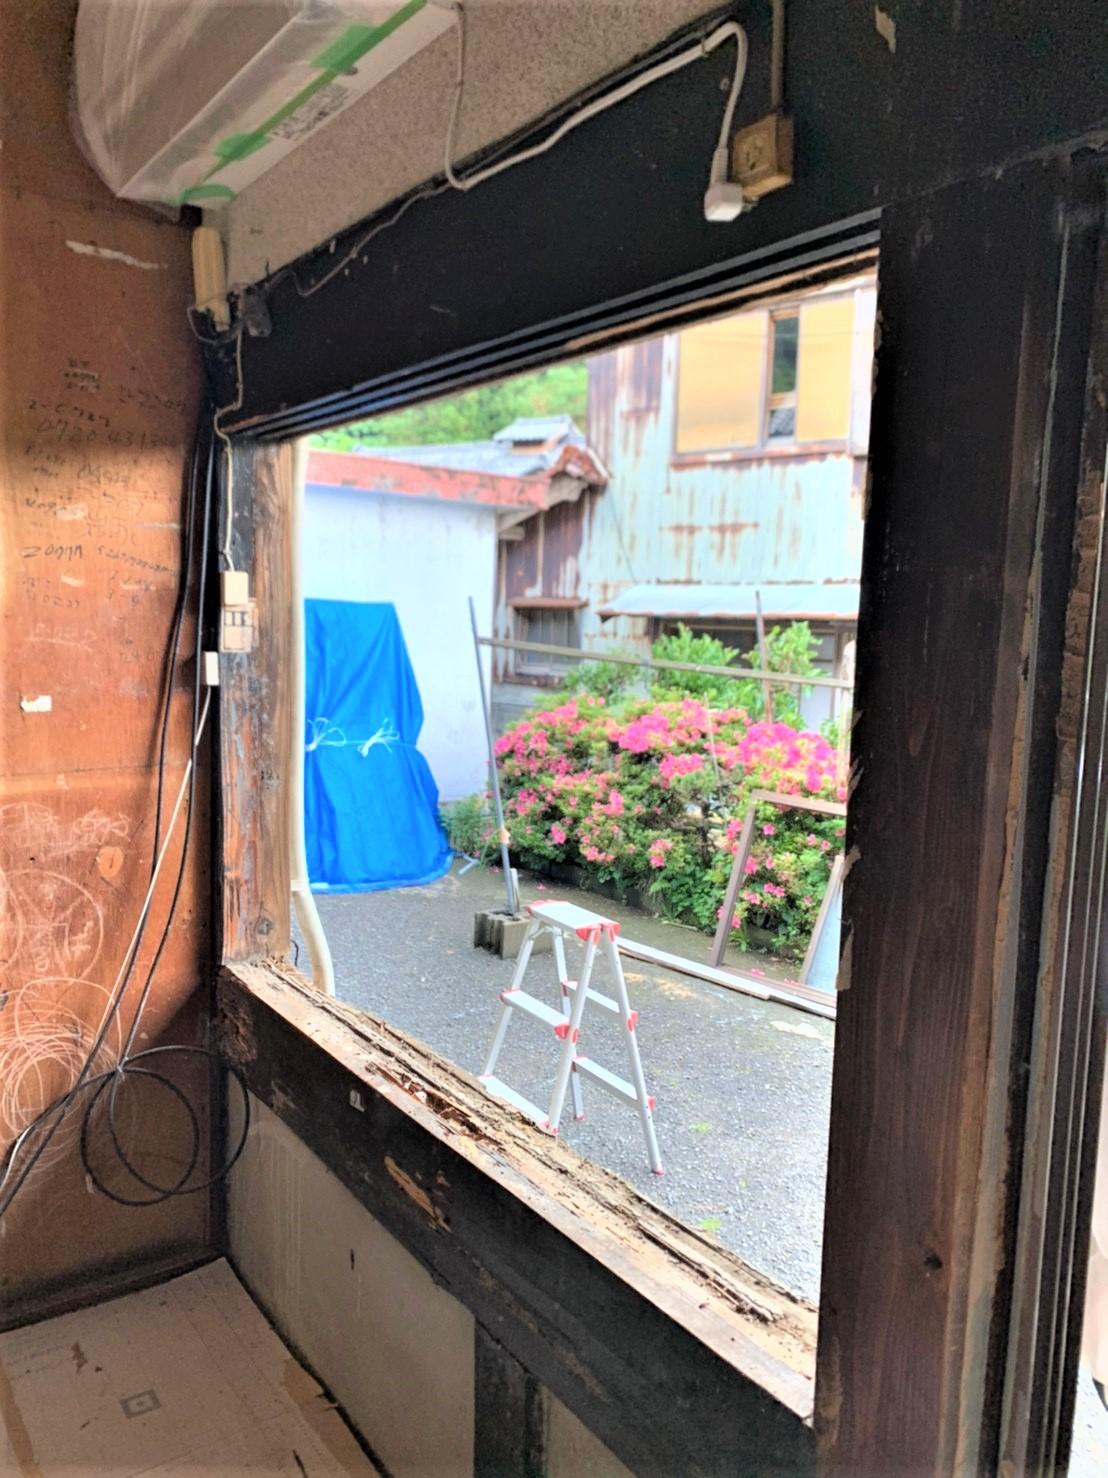 隙間風が入るという窓枠は歪みを修正し、